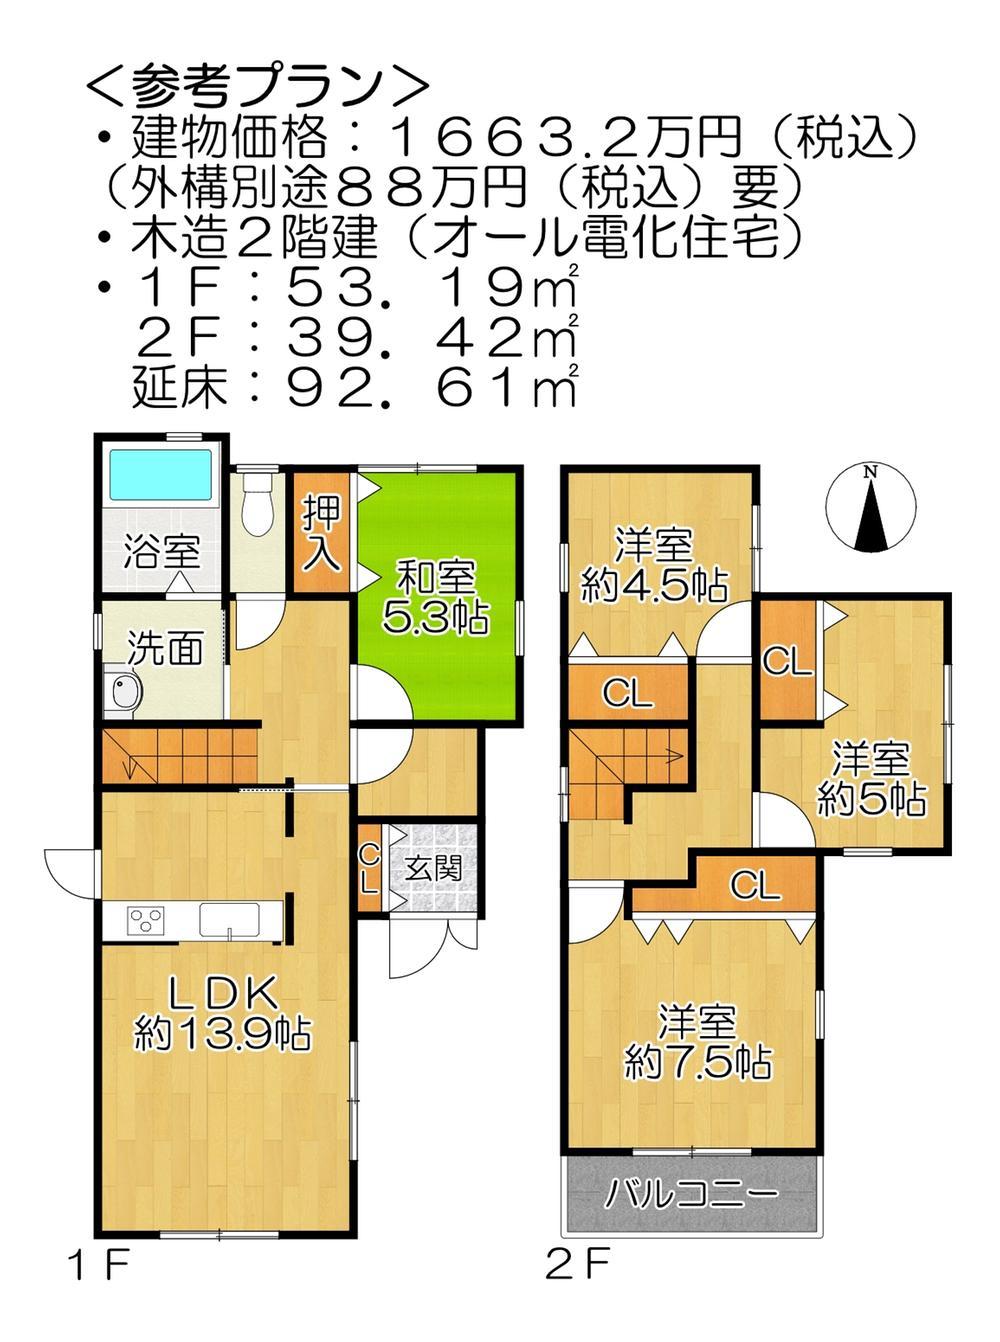 【建物プラン例】<BR>木造2階建て(オール電化住宅)<BR>建物価格:1663.2万円(税込)<BR>      (外構別途88万円要)<BR>建物面積:92.61m<sup>2</sup><BR>(1F/53.19m<sup>2</sup>、2F/39.42m<sup>2</sup>)